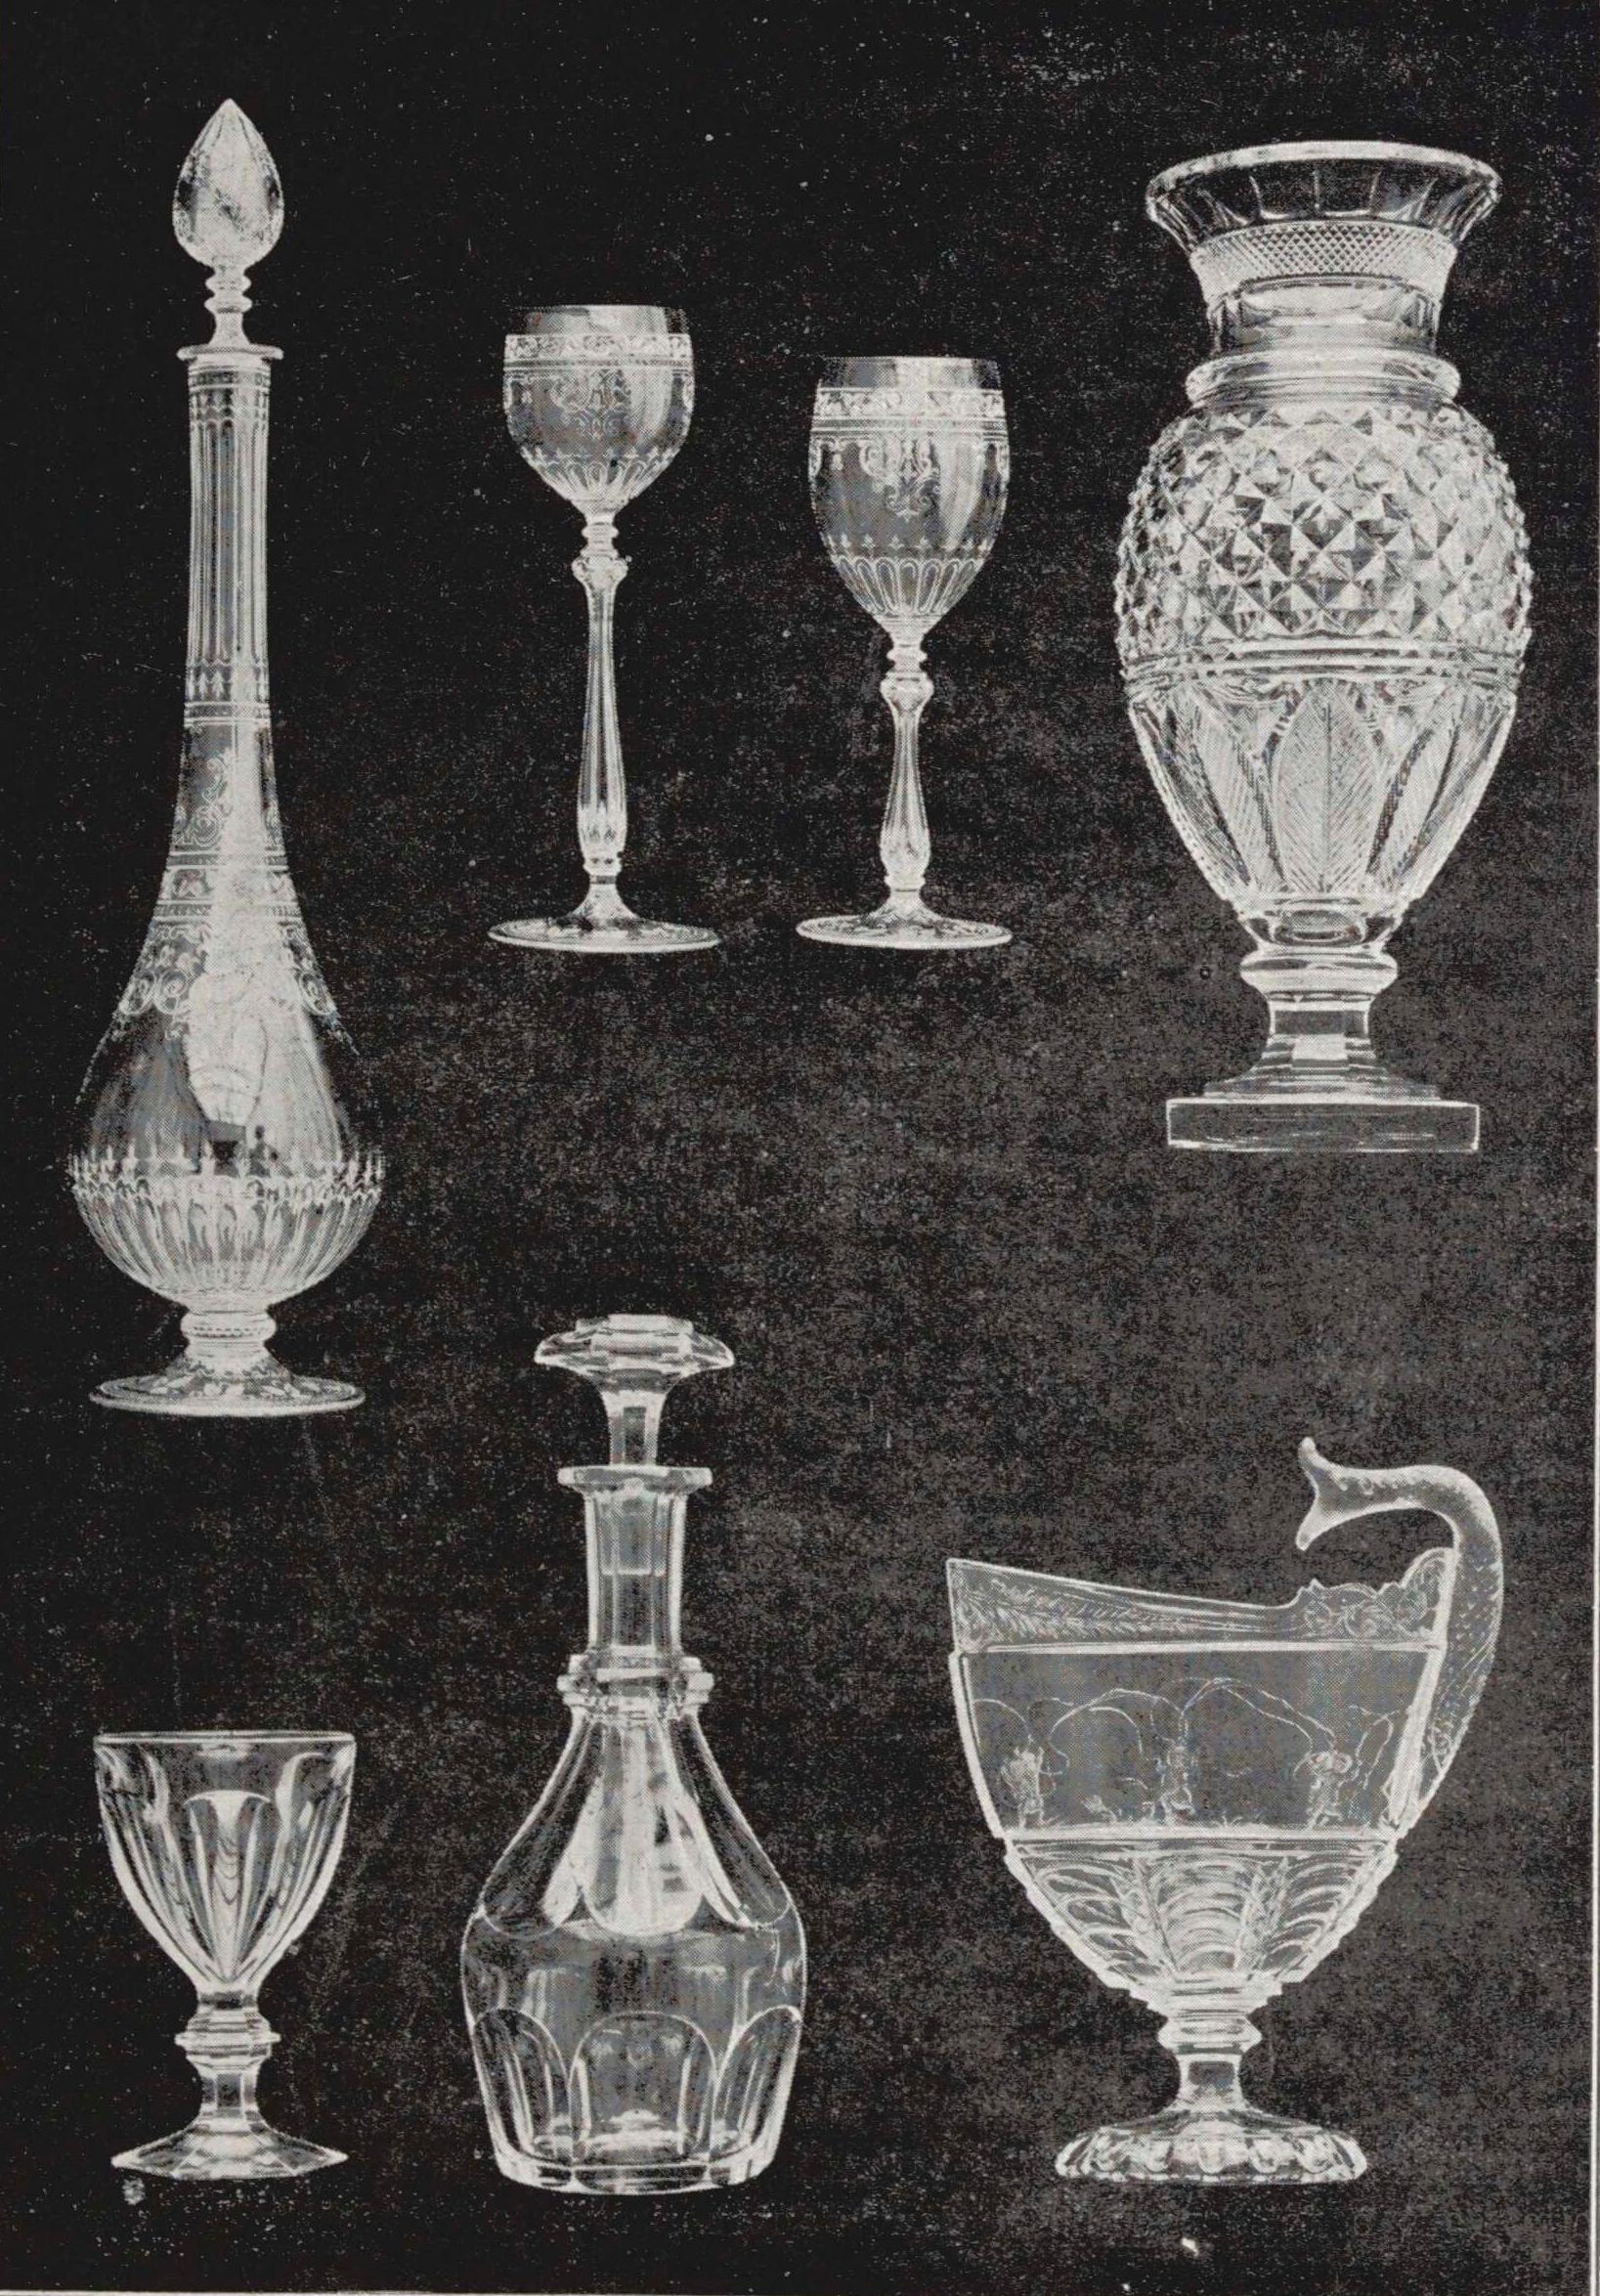 Production des cristalleries de Baccarat